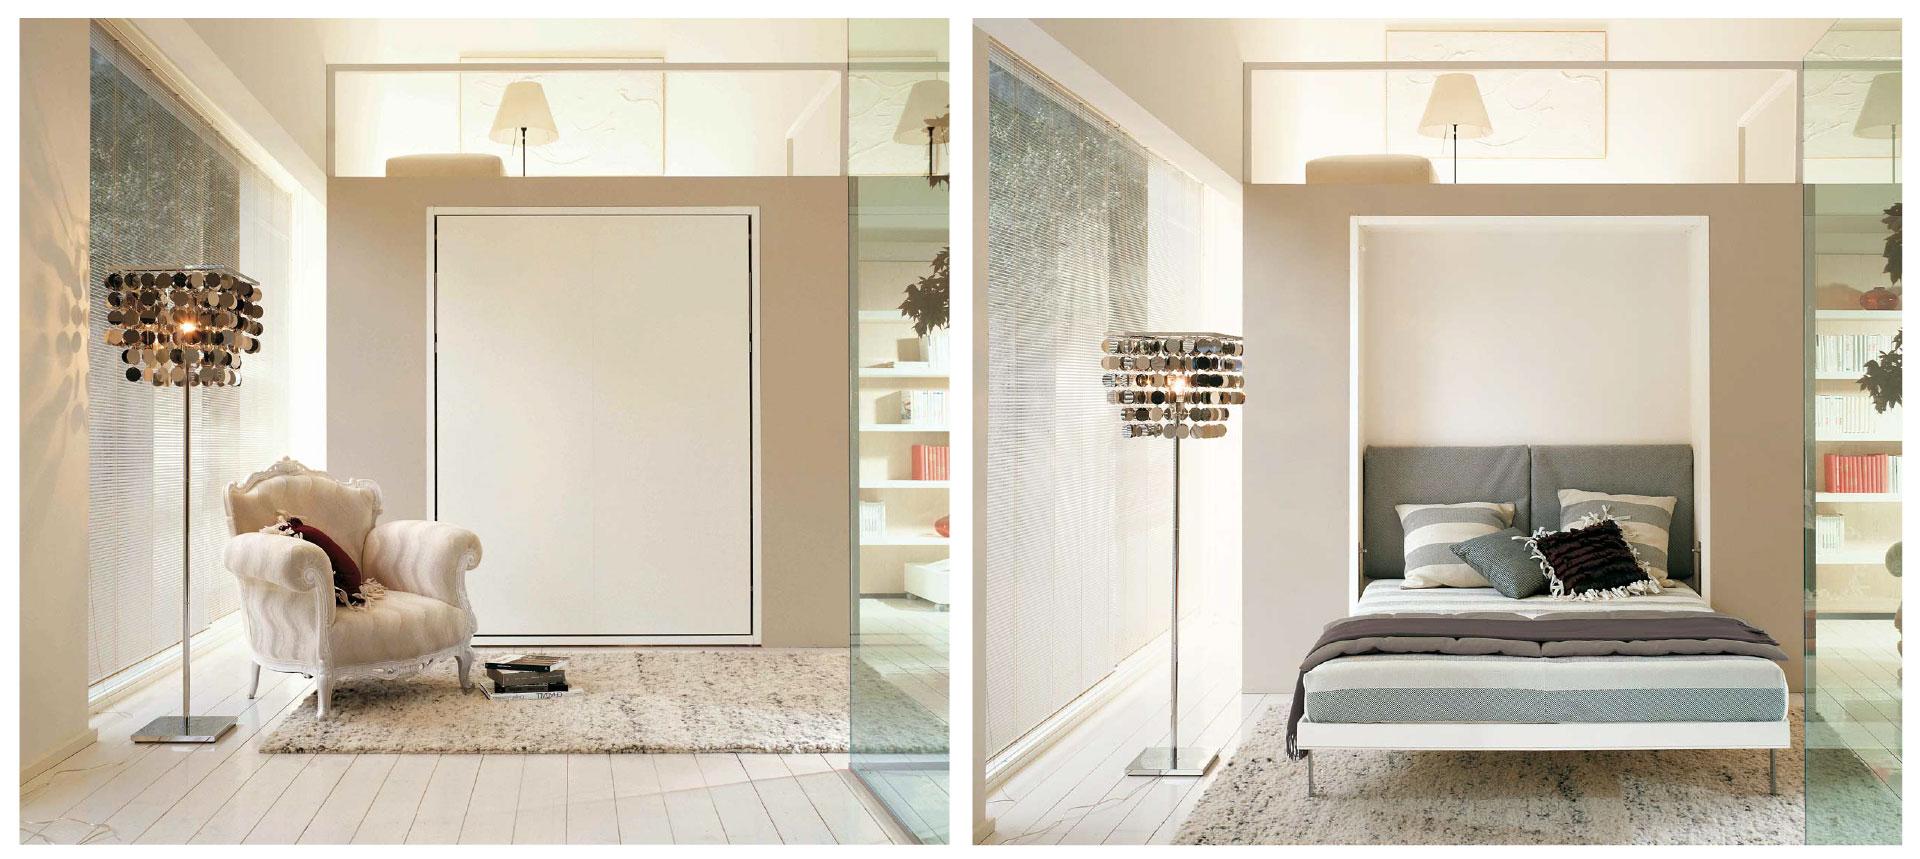 Een wandbed; d u00e9 oplossing voor kleine ruimtes   SLAAPKAMER DESIGN